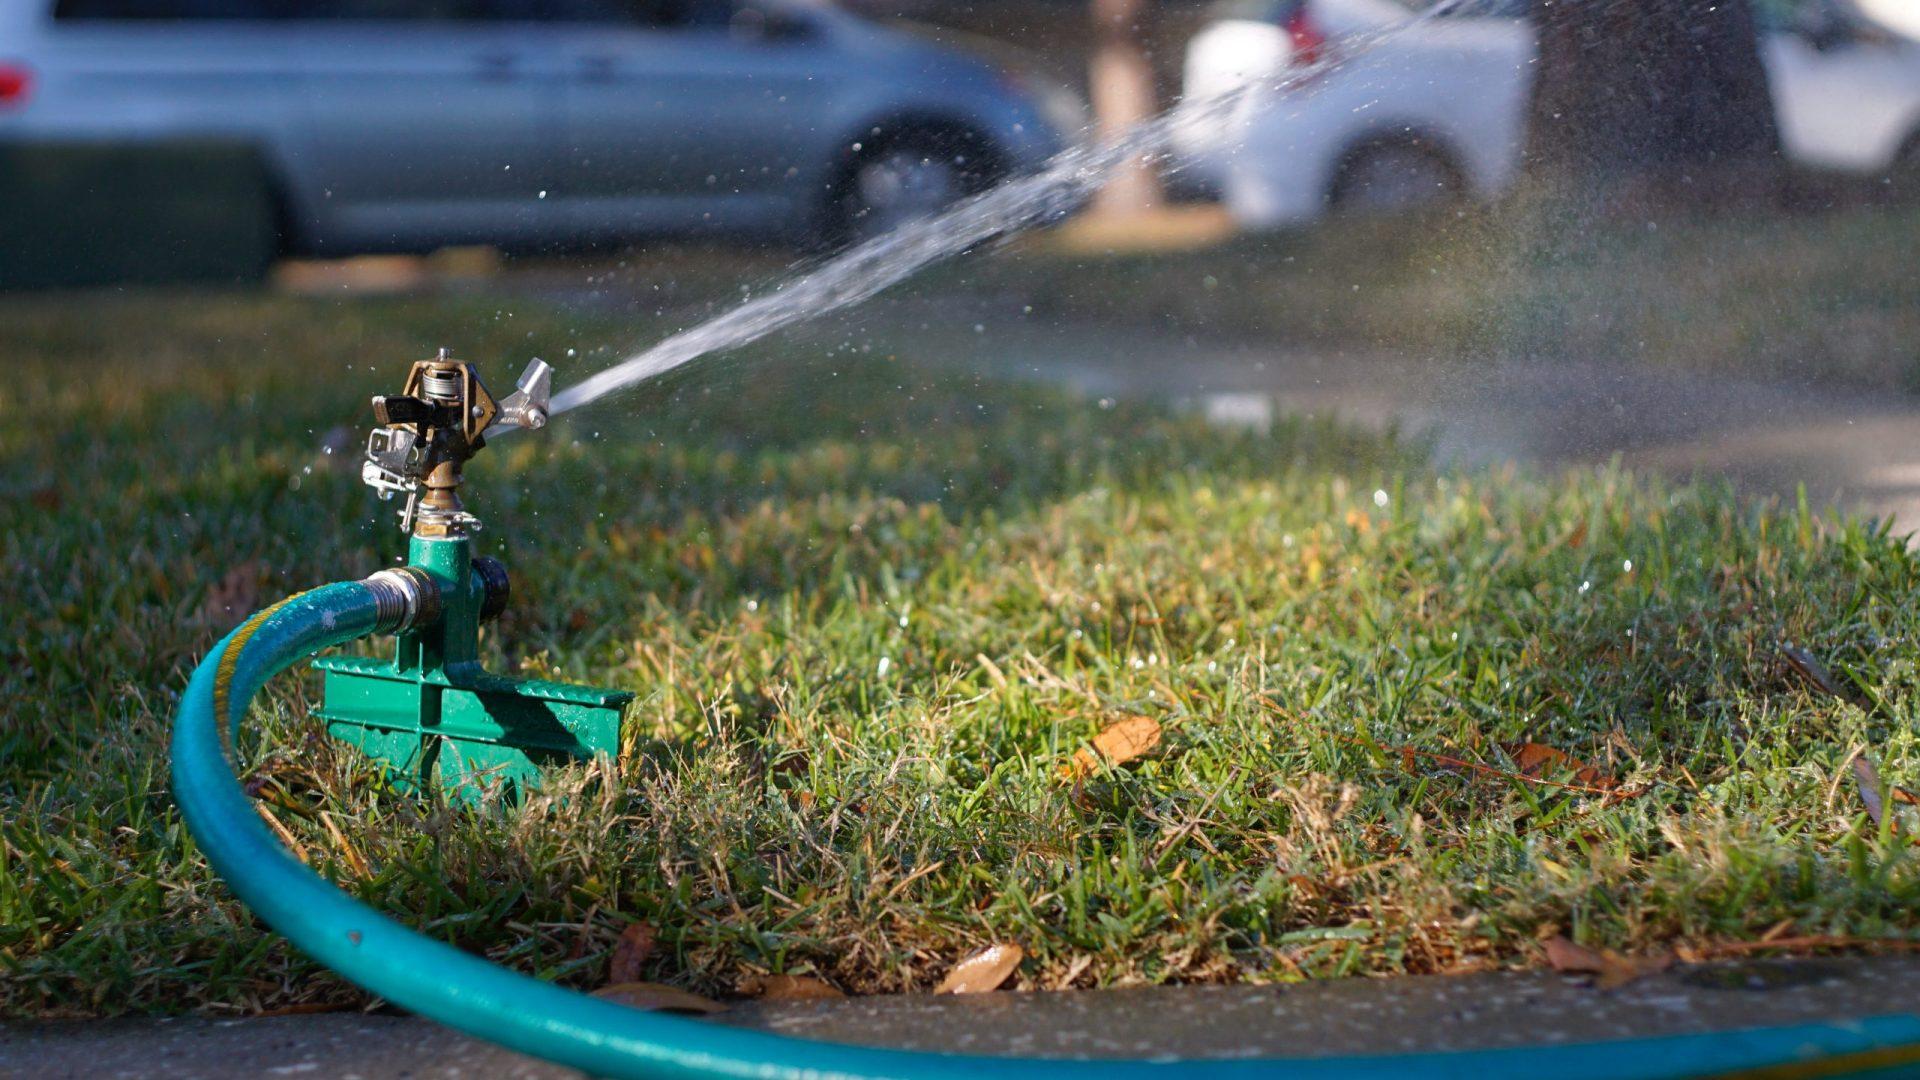 Best Sprinkler for Rectangular Lawn